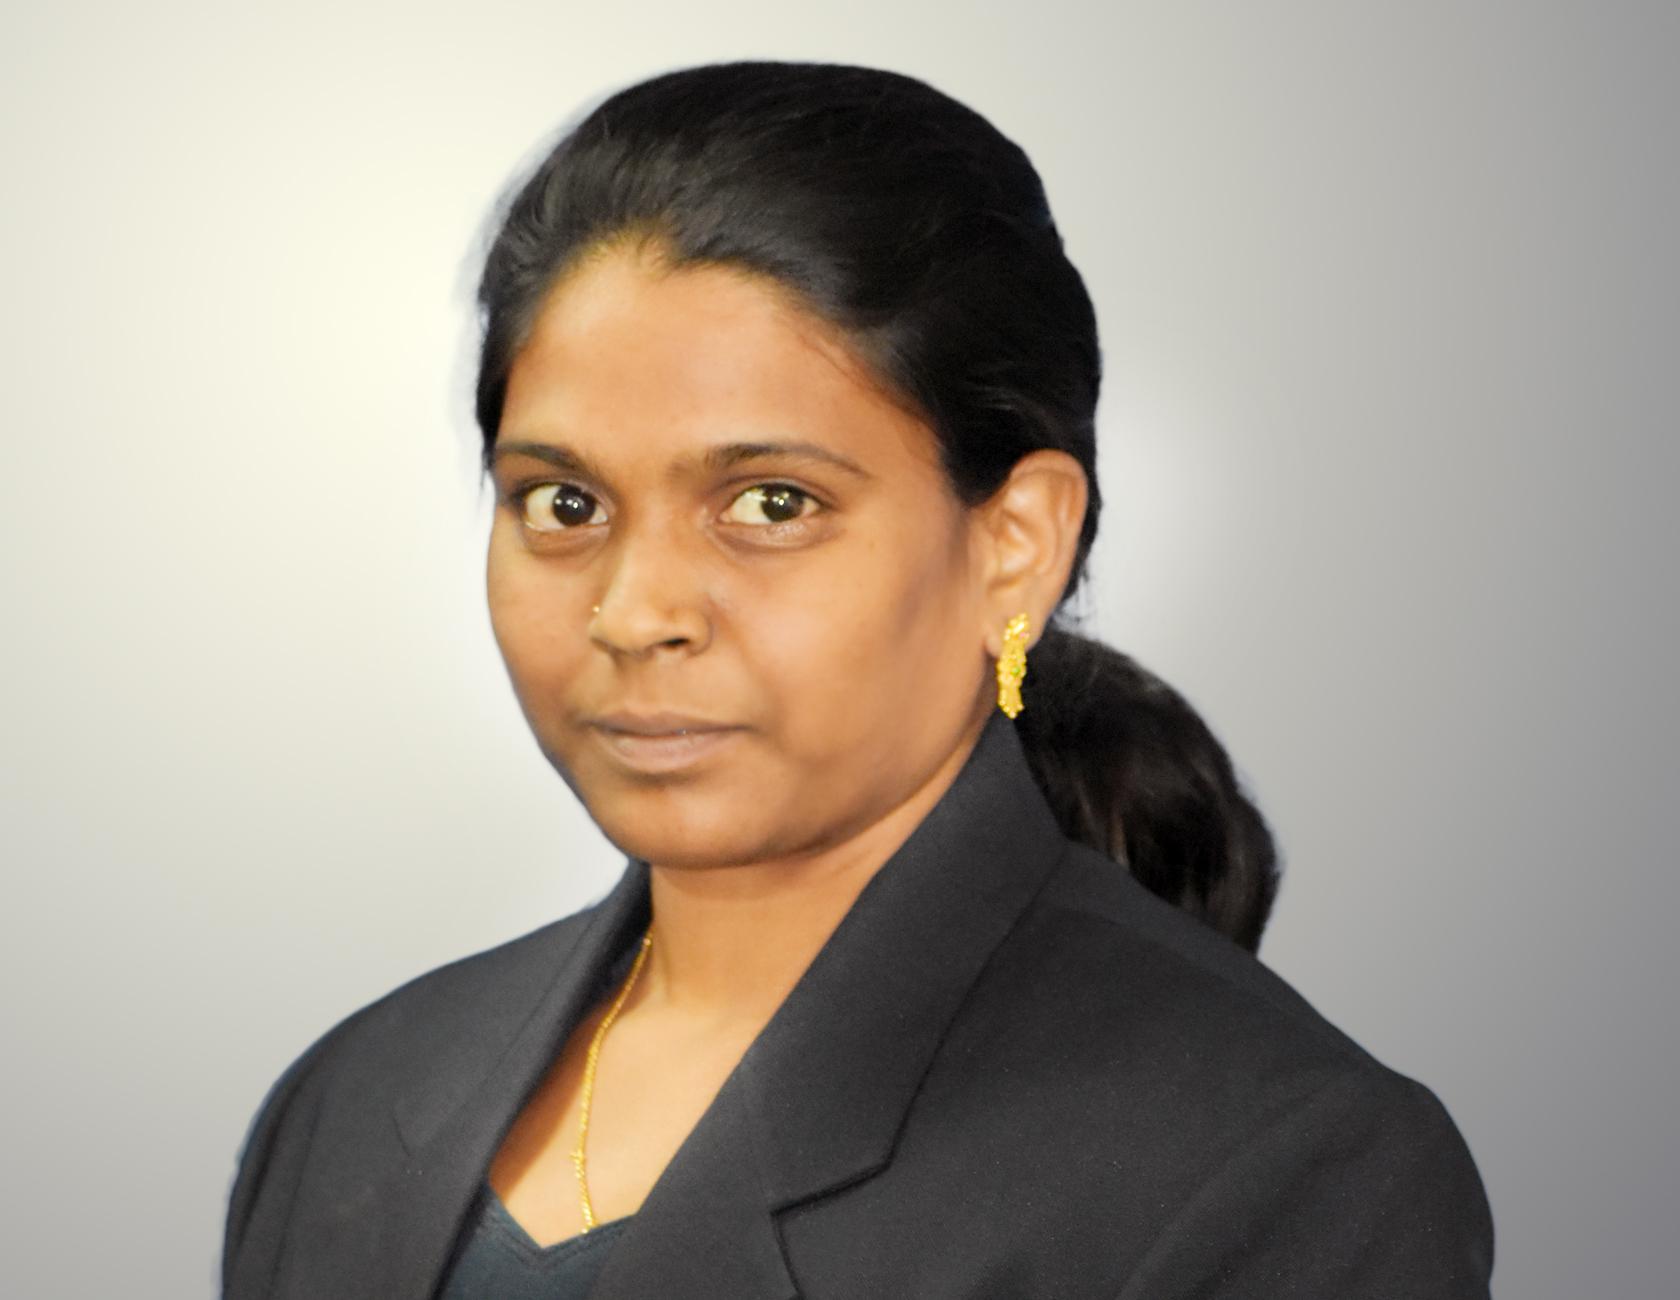 Apsana Shaik